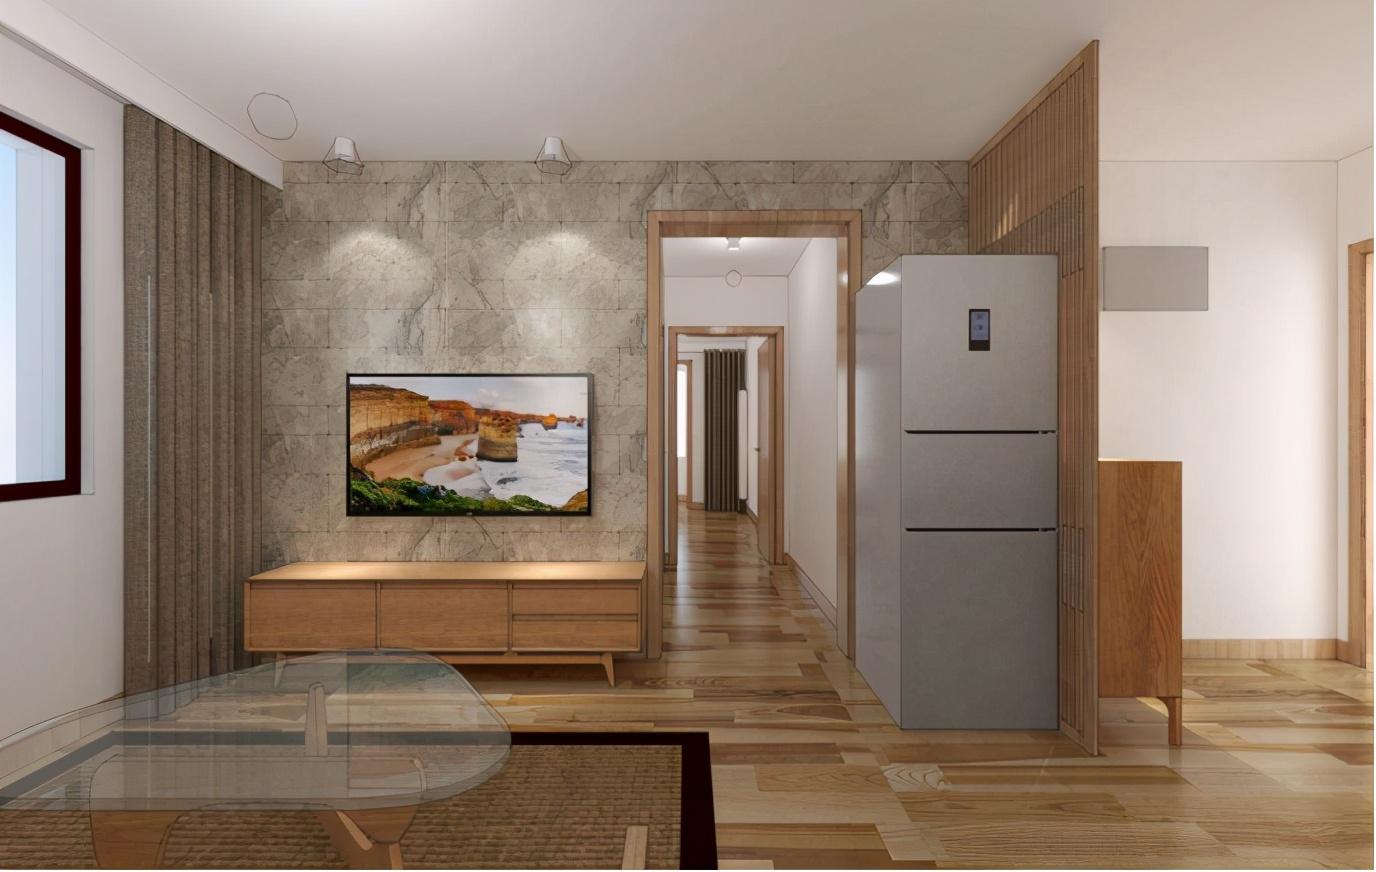 餐厅处设计榻榻米,扩展收纳机能,颜值倍增